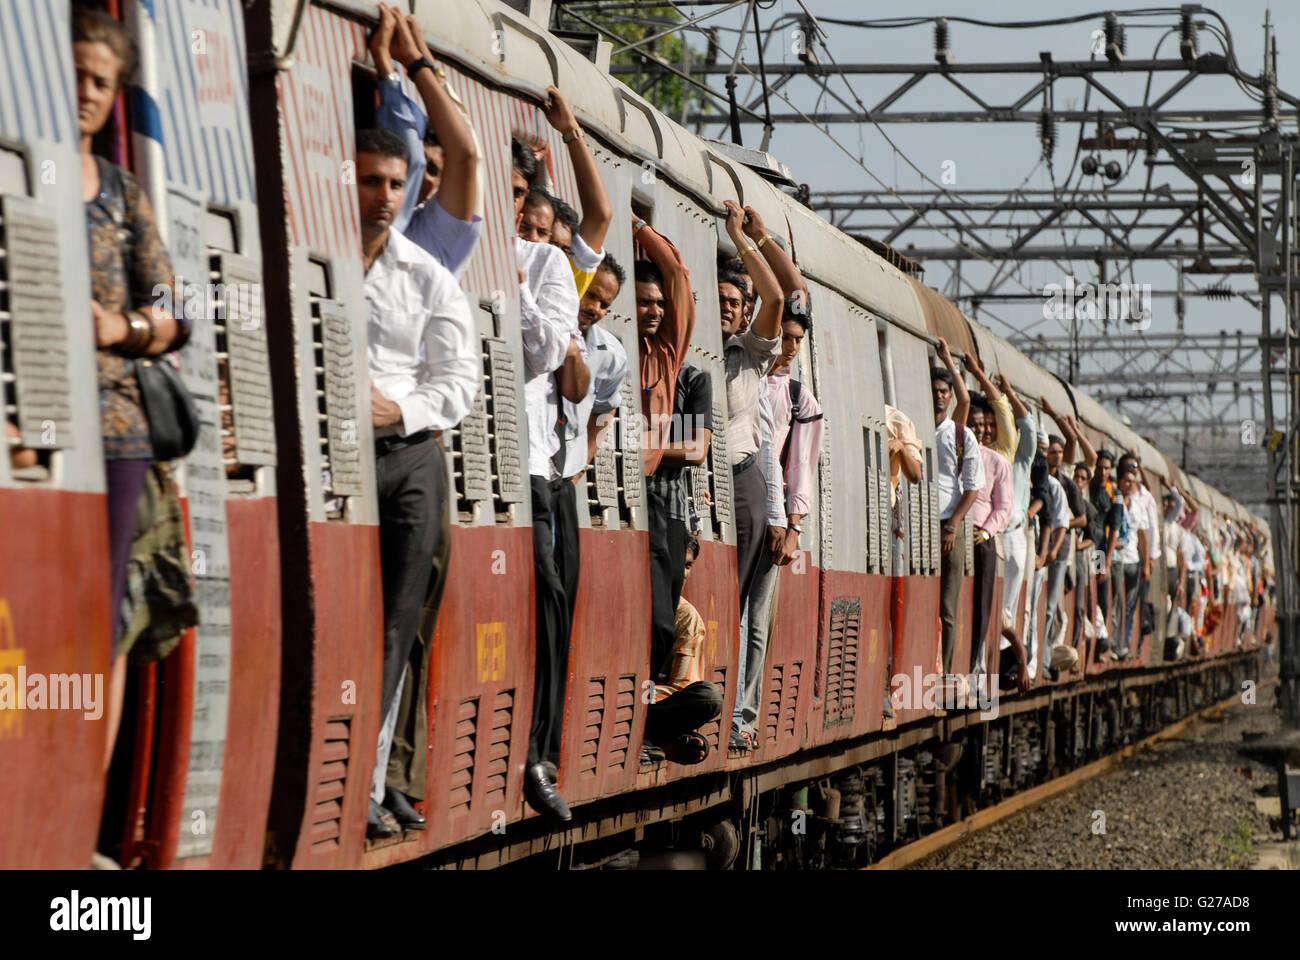 INDIA Mumbai , commuter in città il treno delle ferrovie occidentali / INDIEN Bombay , S-Bahn Zuege befoerdern Immagini Stock